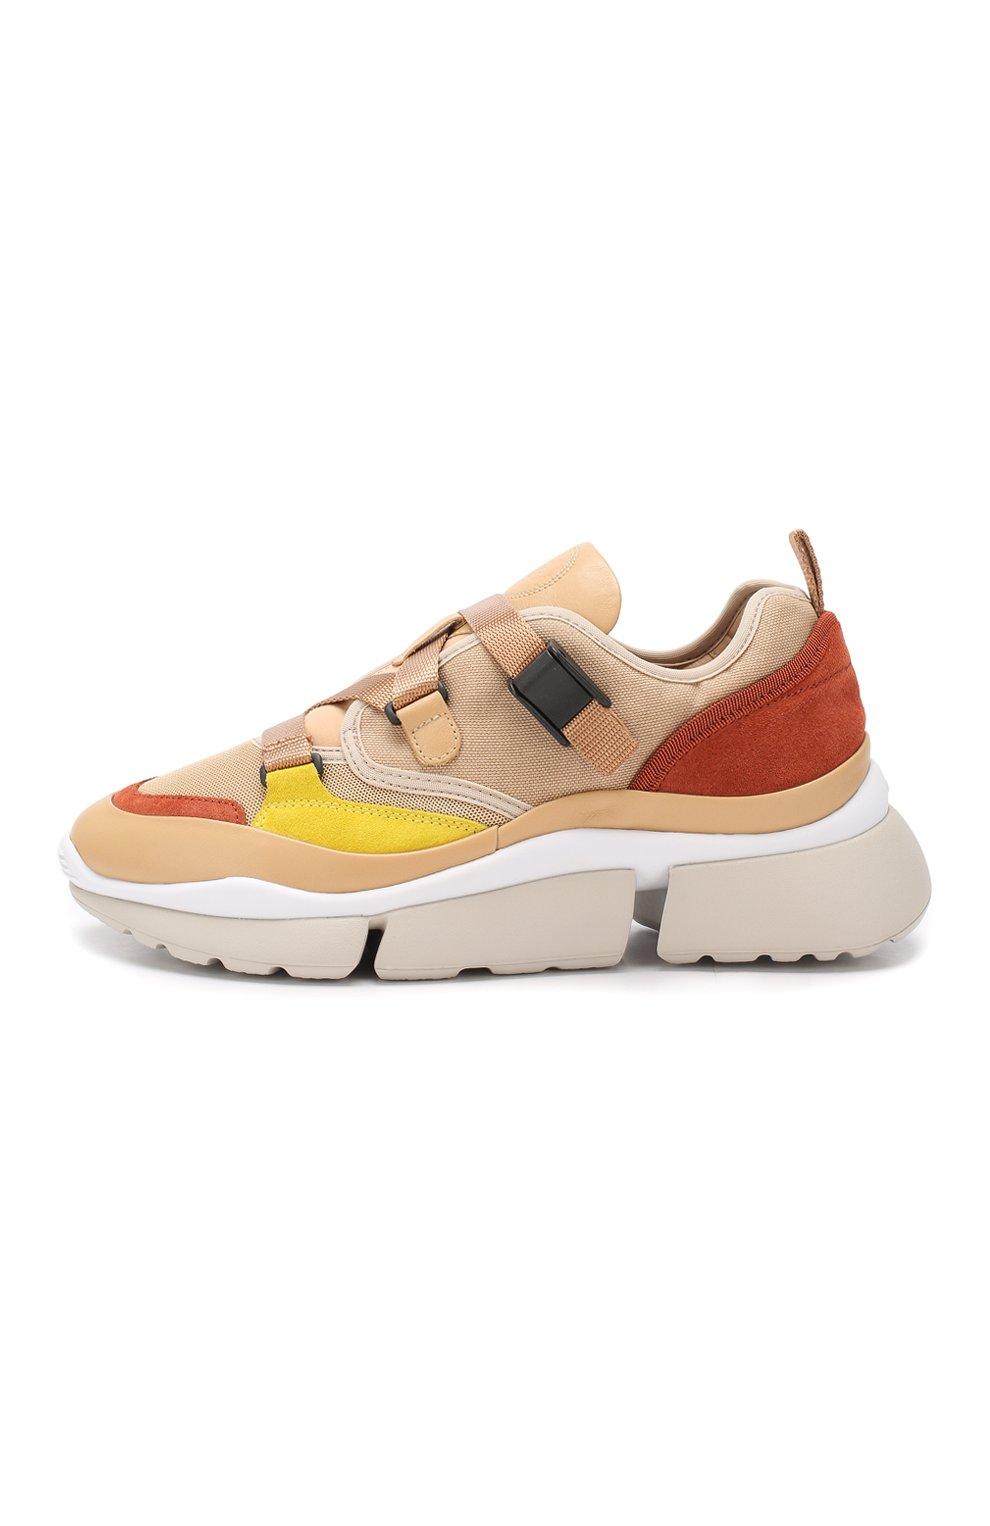 Комбинированные кроссовки Sonnie Chloé бежевые | Фото №3